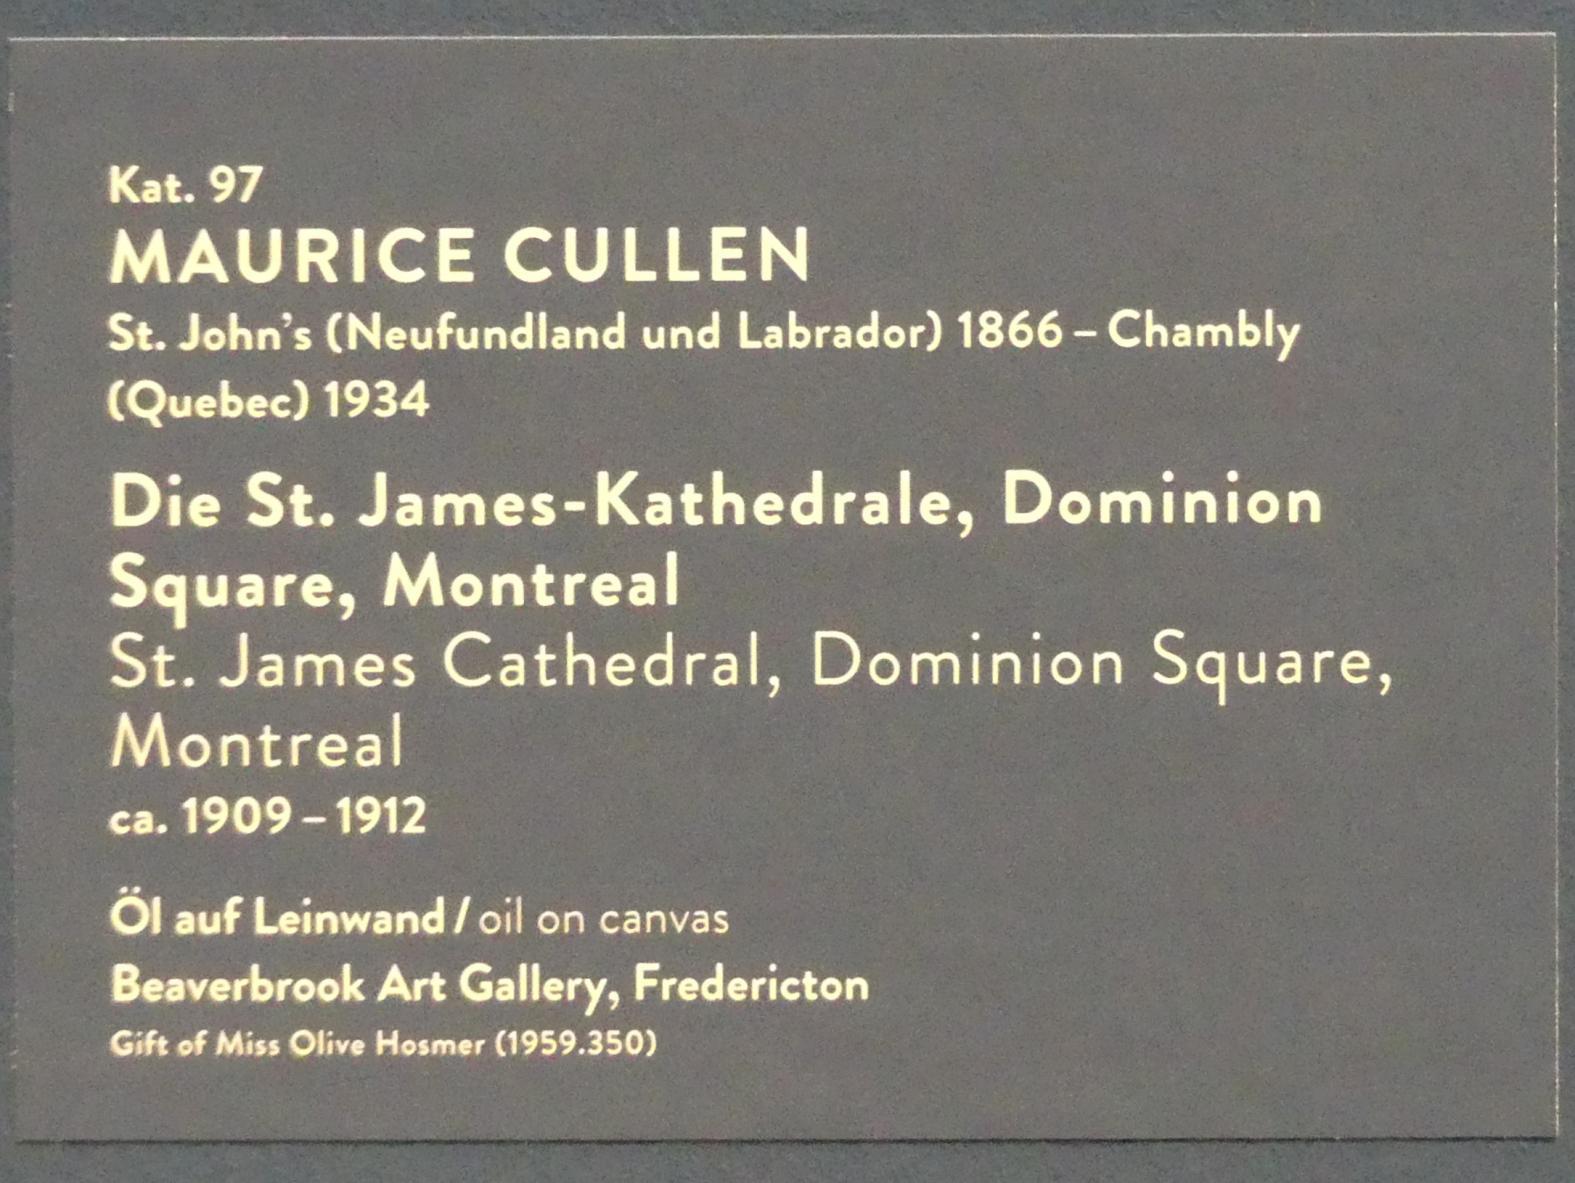 Maurice Galbraith Cullen: Die St. James-Kathedrale, Dominion Square, Montreal, um 1909 - 1912, Bild 3/3